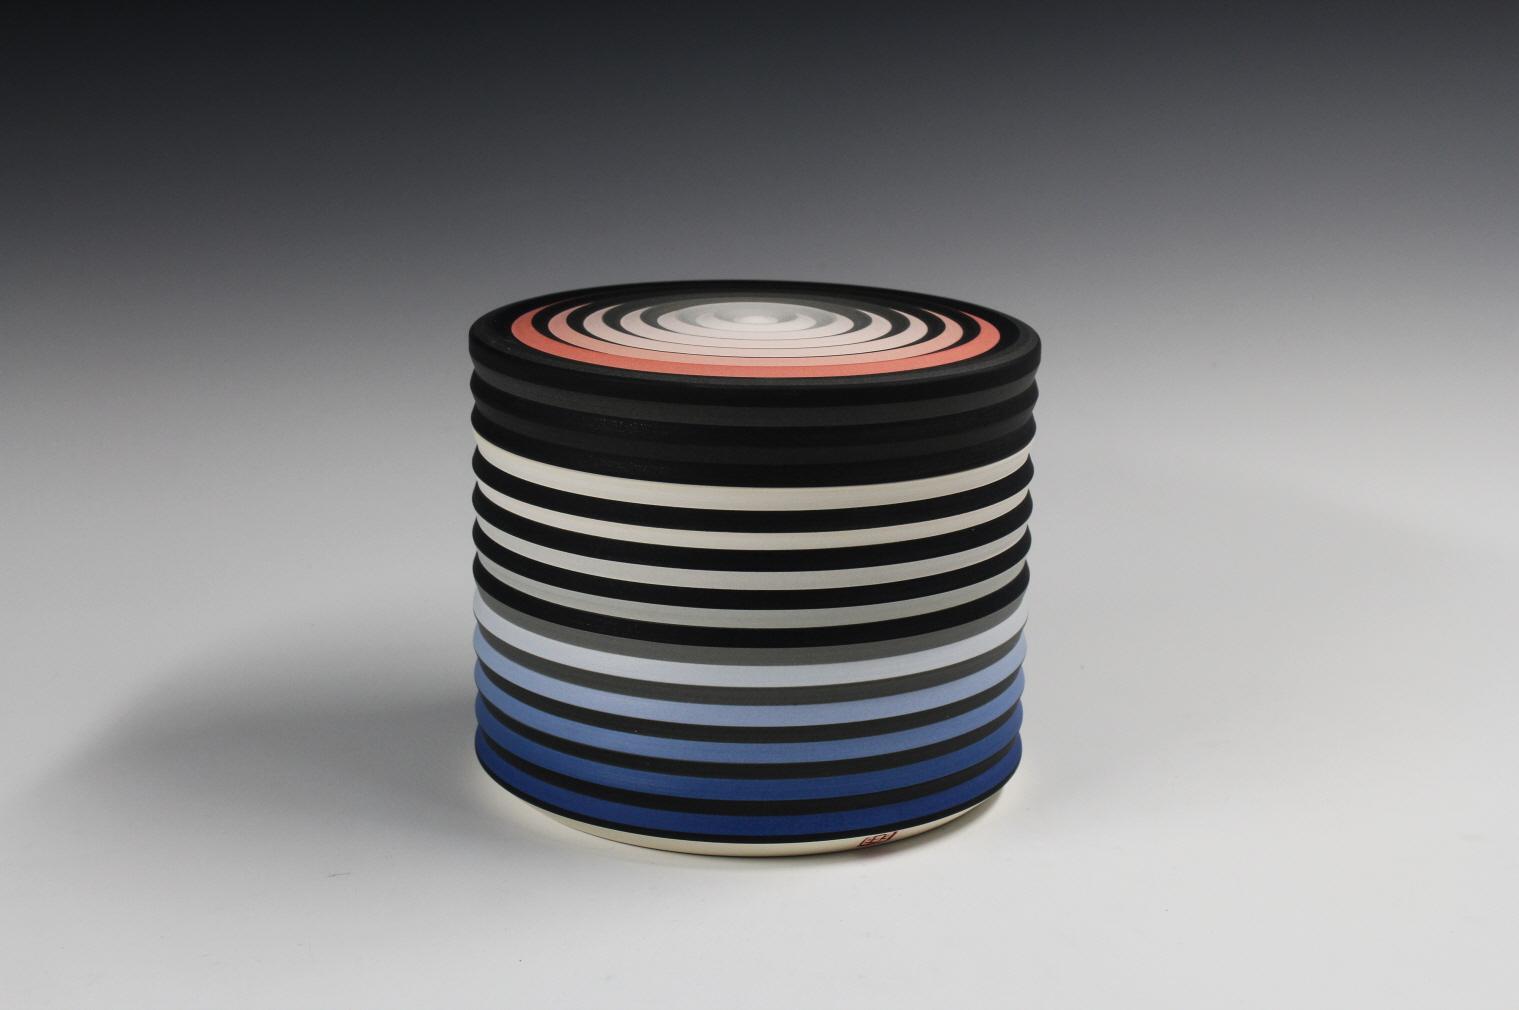 33.Object - Lidded box